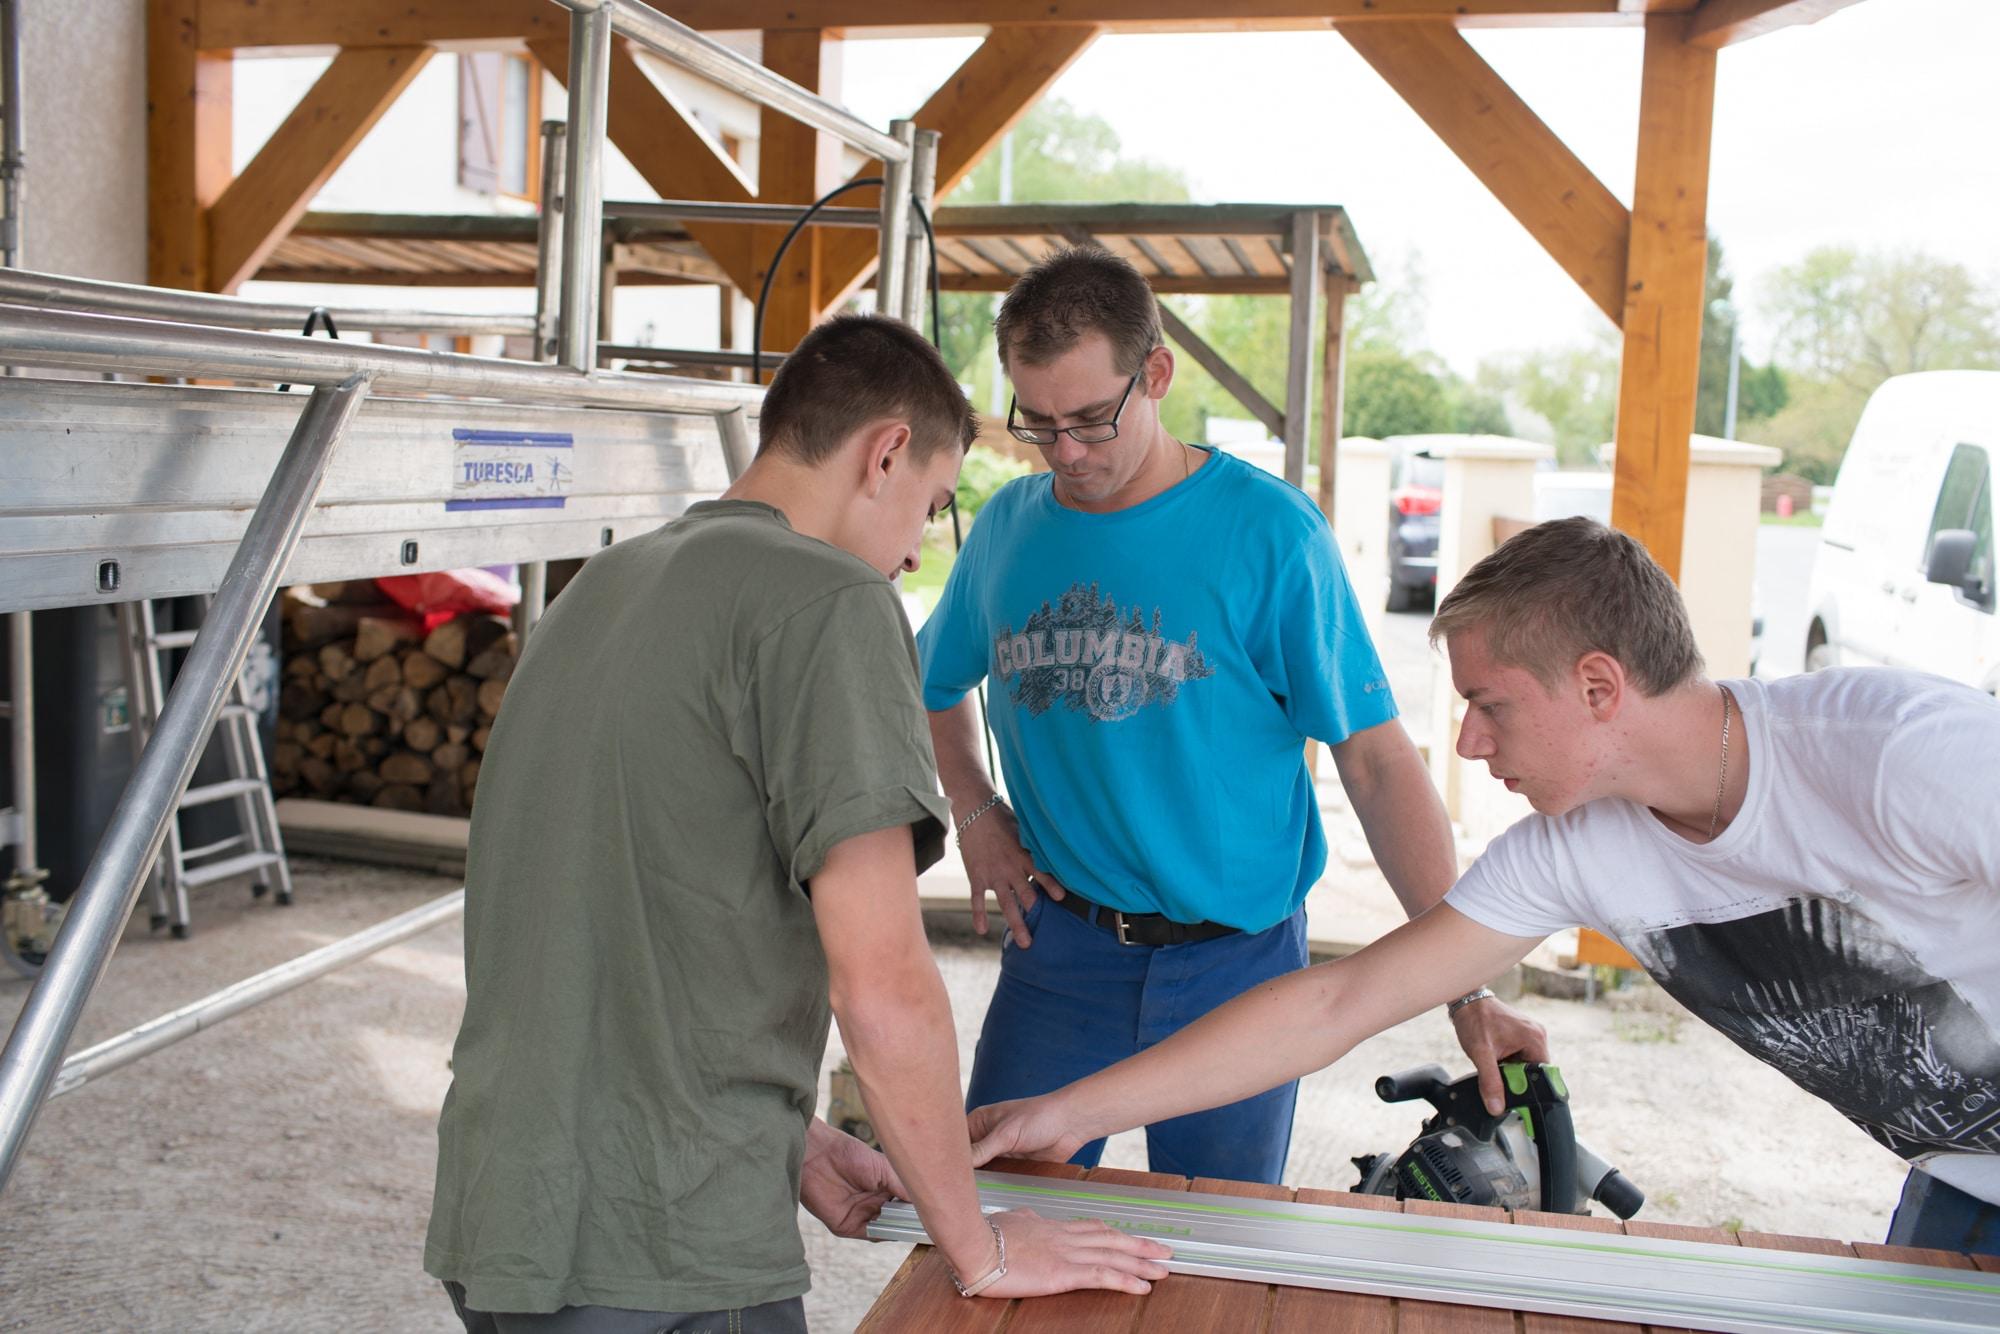 Edouard et deux collaborateurs travaillent autour d'une découpe de bois avec une règle en métal